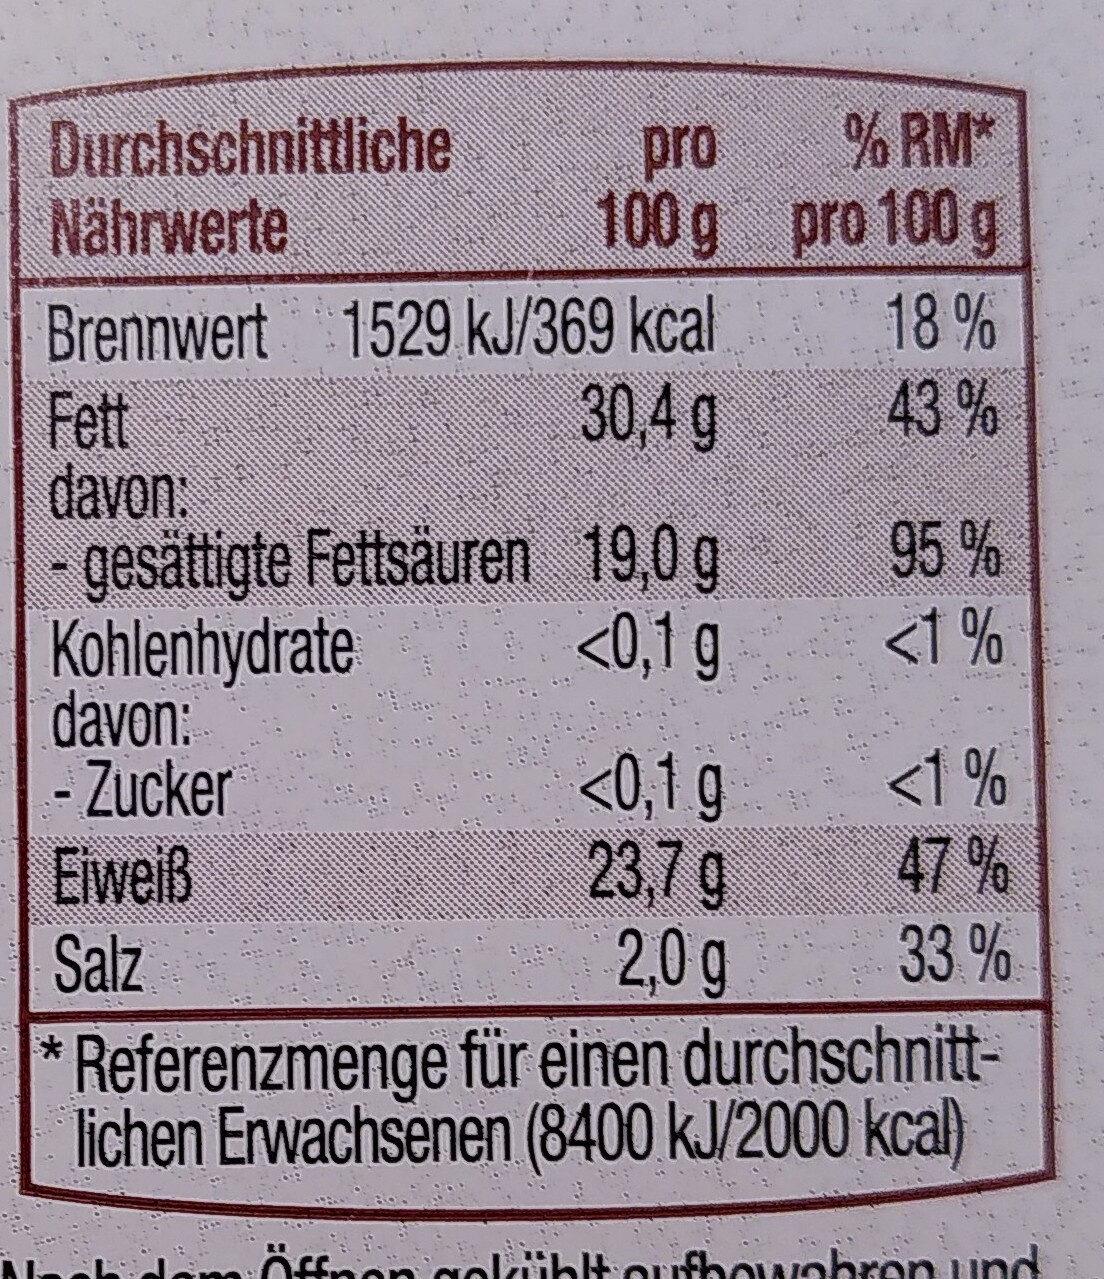 Gouda Holland g.g.A. jung am Stück - Nutrition facts - de